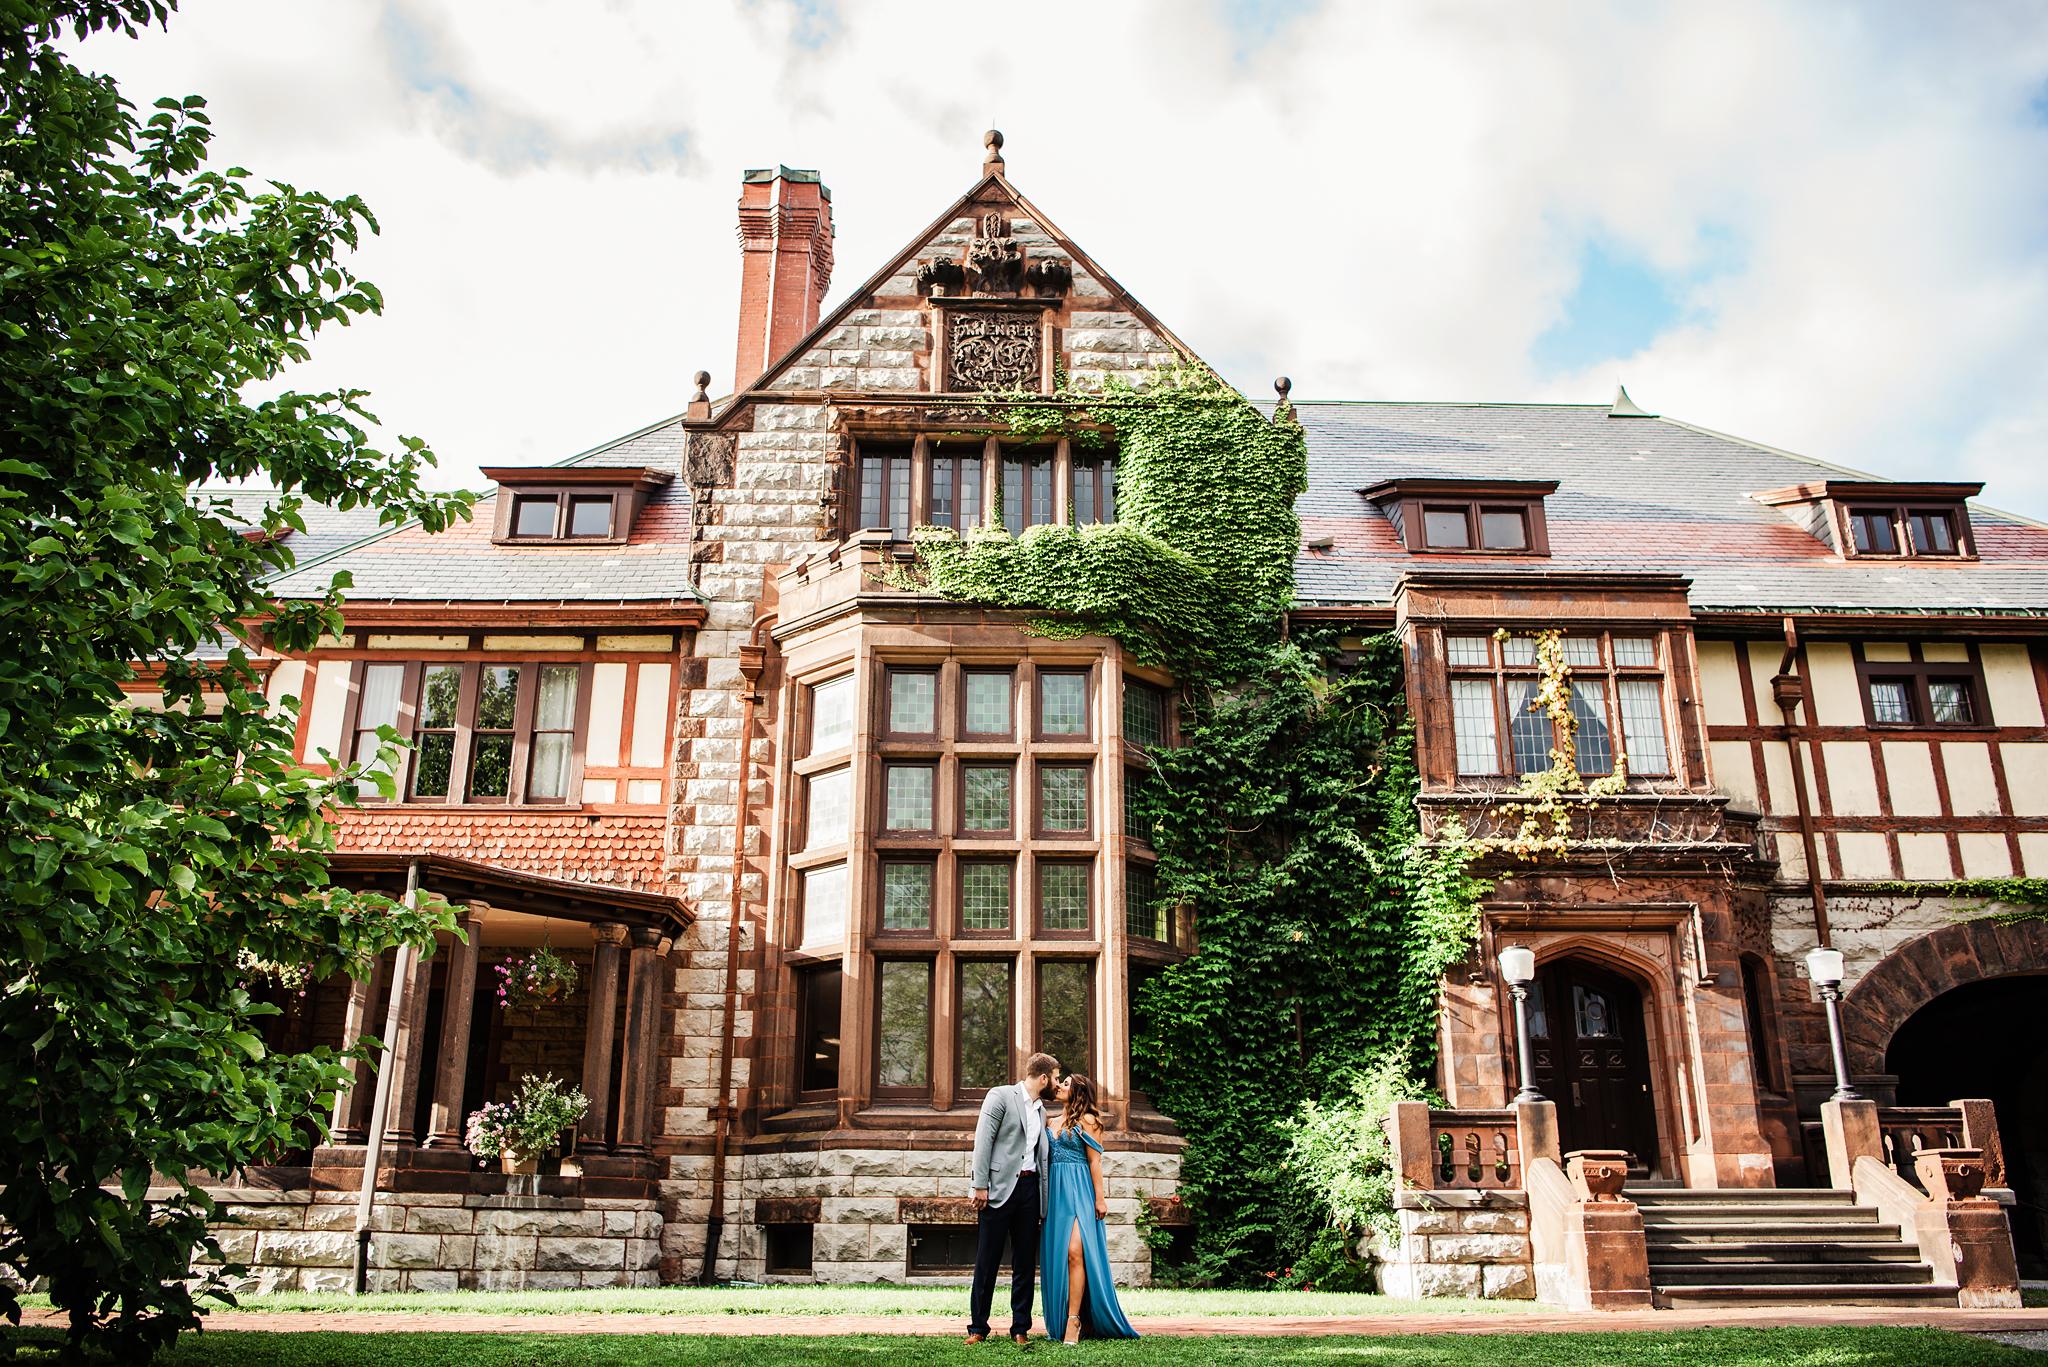 Sonnenberg_Gardens_Finger_Lakes_Engagement_Session_JILL_STUDIO_Rochester_NY_Photographer_DSC_1642.jpg